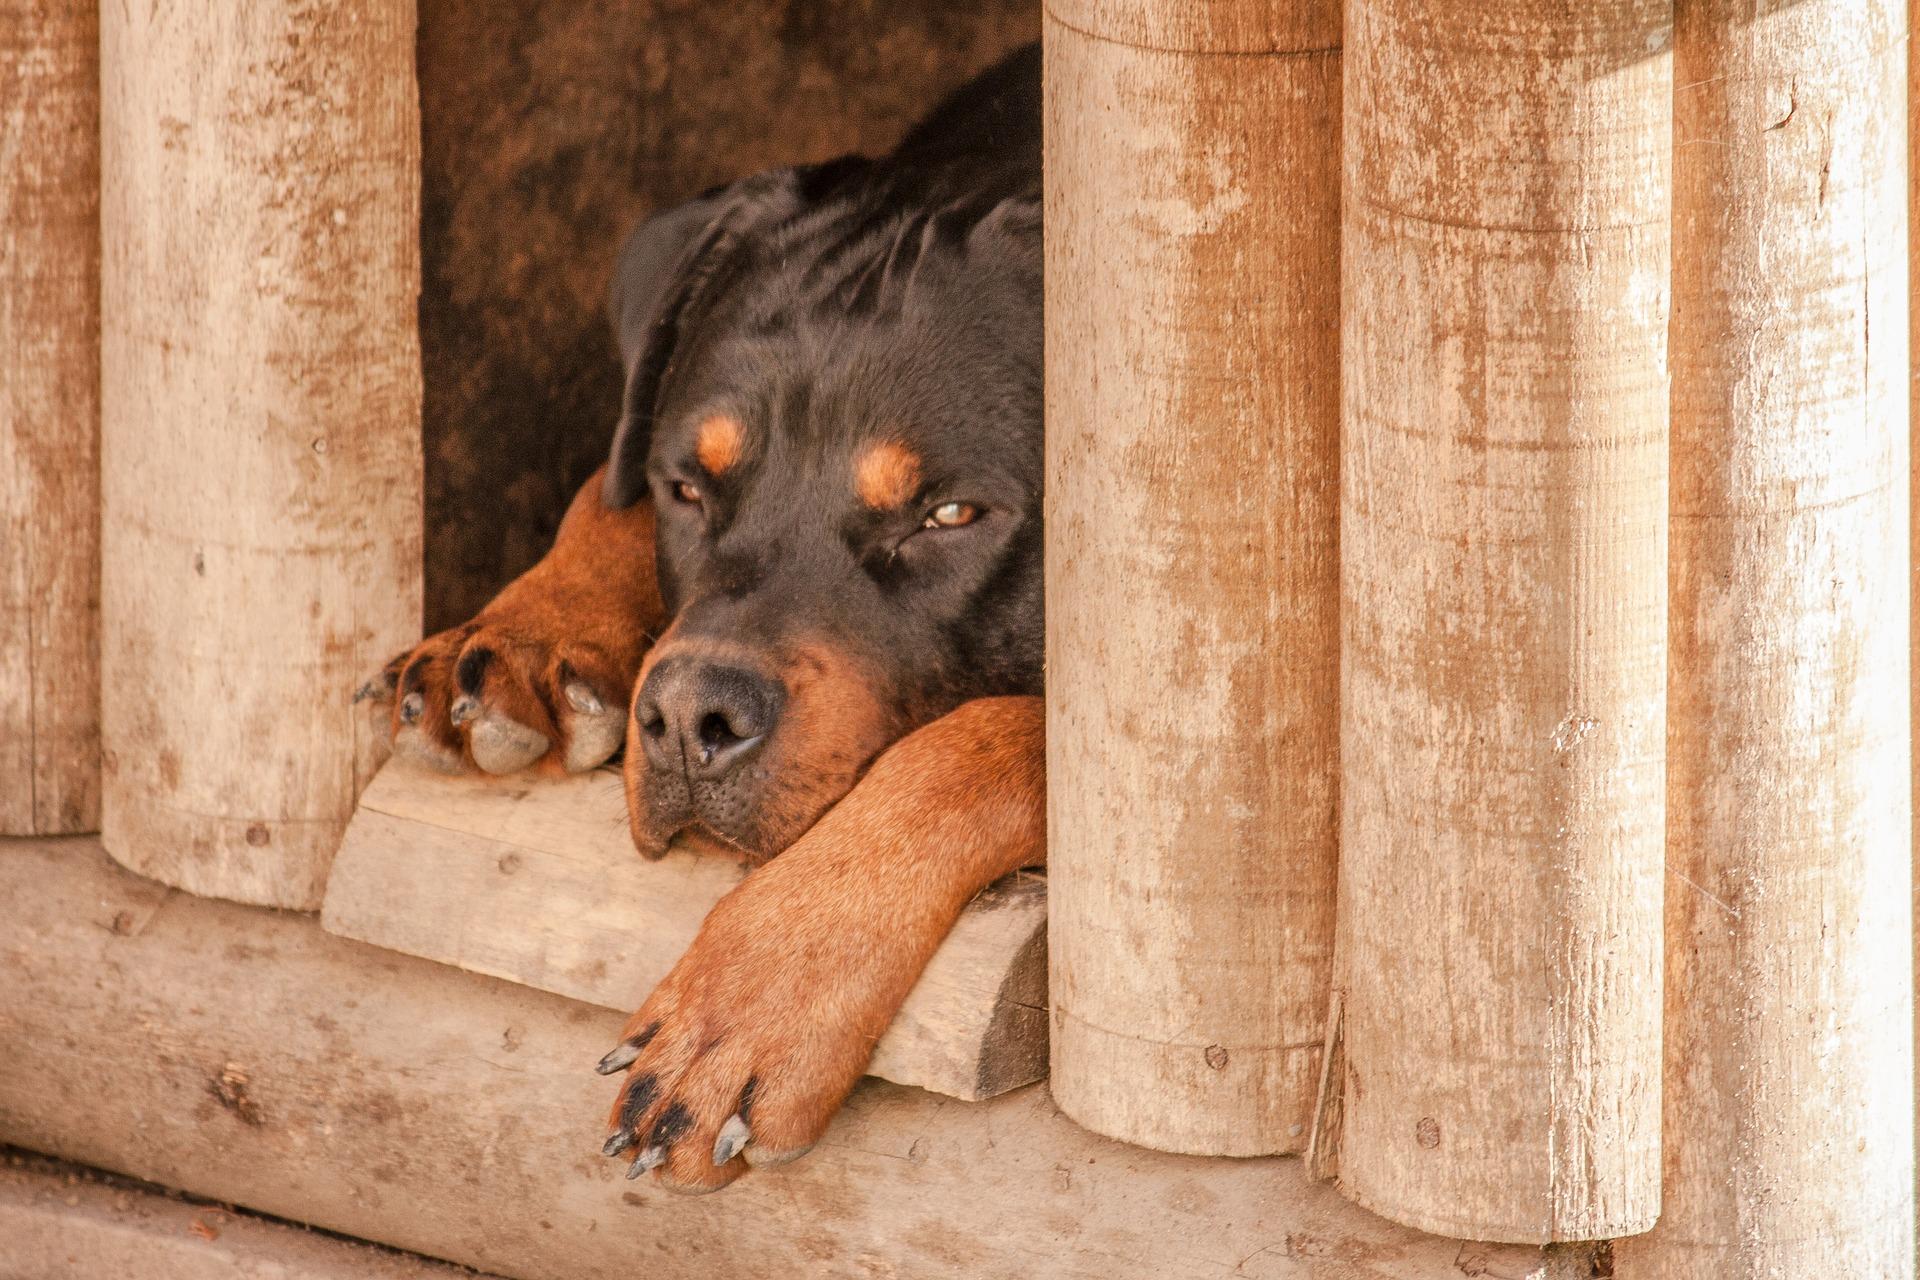 Budowa budy dla psa powinna uwzględniać potrzeby jej mieszkańca. Musi być wygodna, ciepła i przytulna.